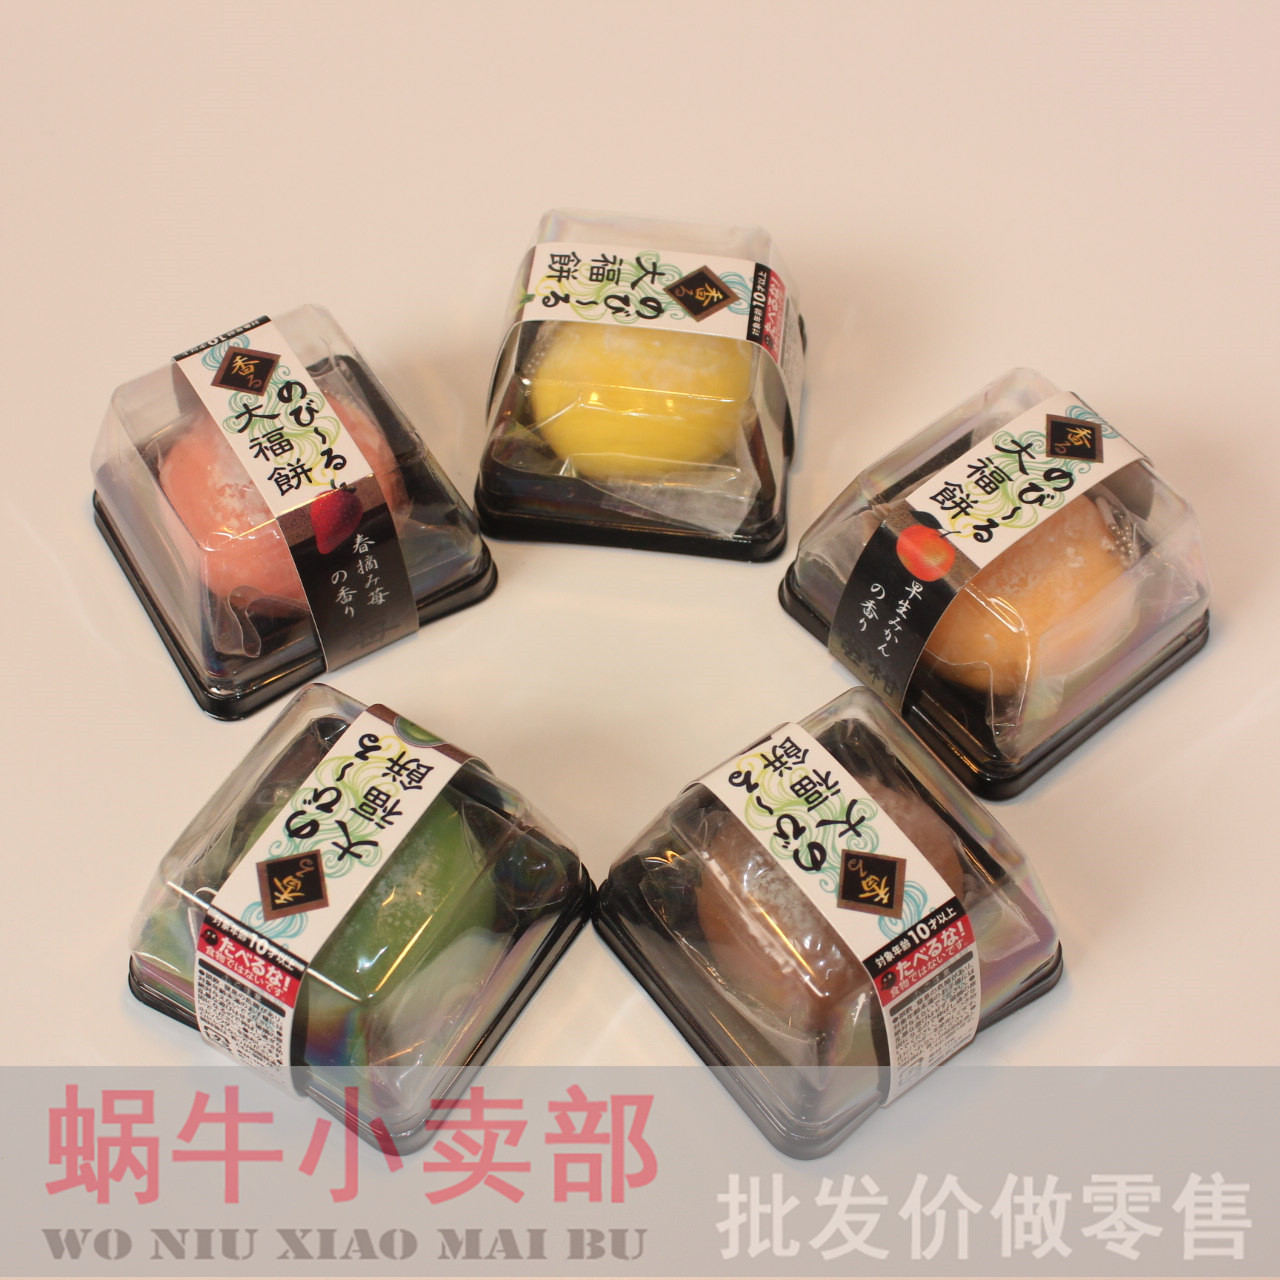 仿真挤压食品玩具面包日式大福饼柔软糯米团子挂件mochi Squishy